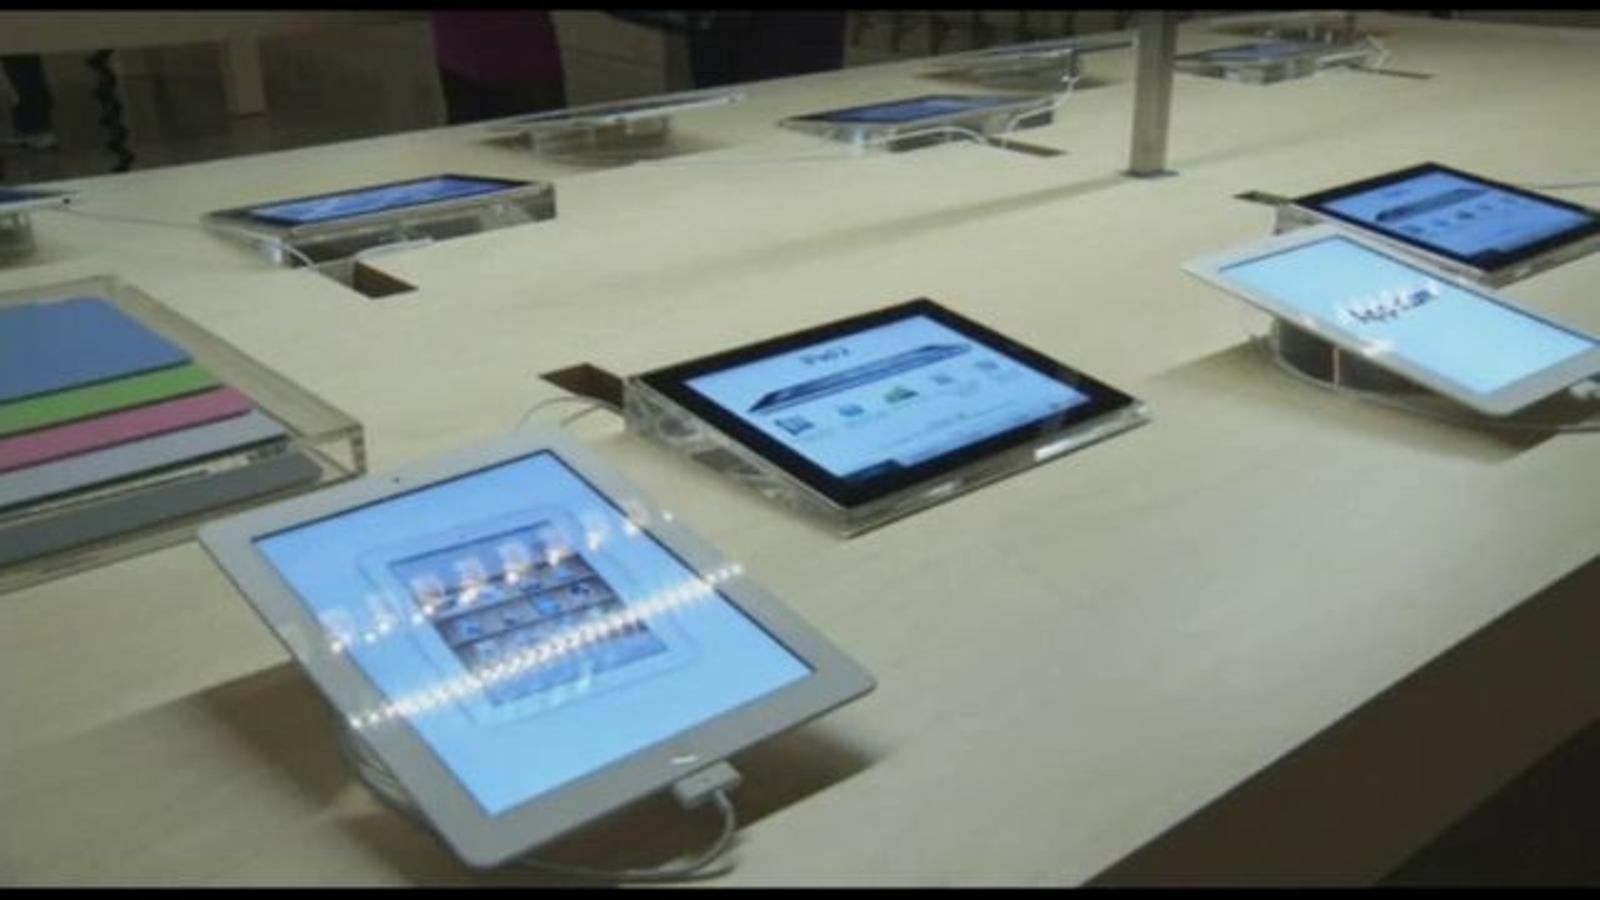 Continua el judici entre Apple i Samsung